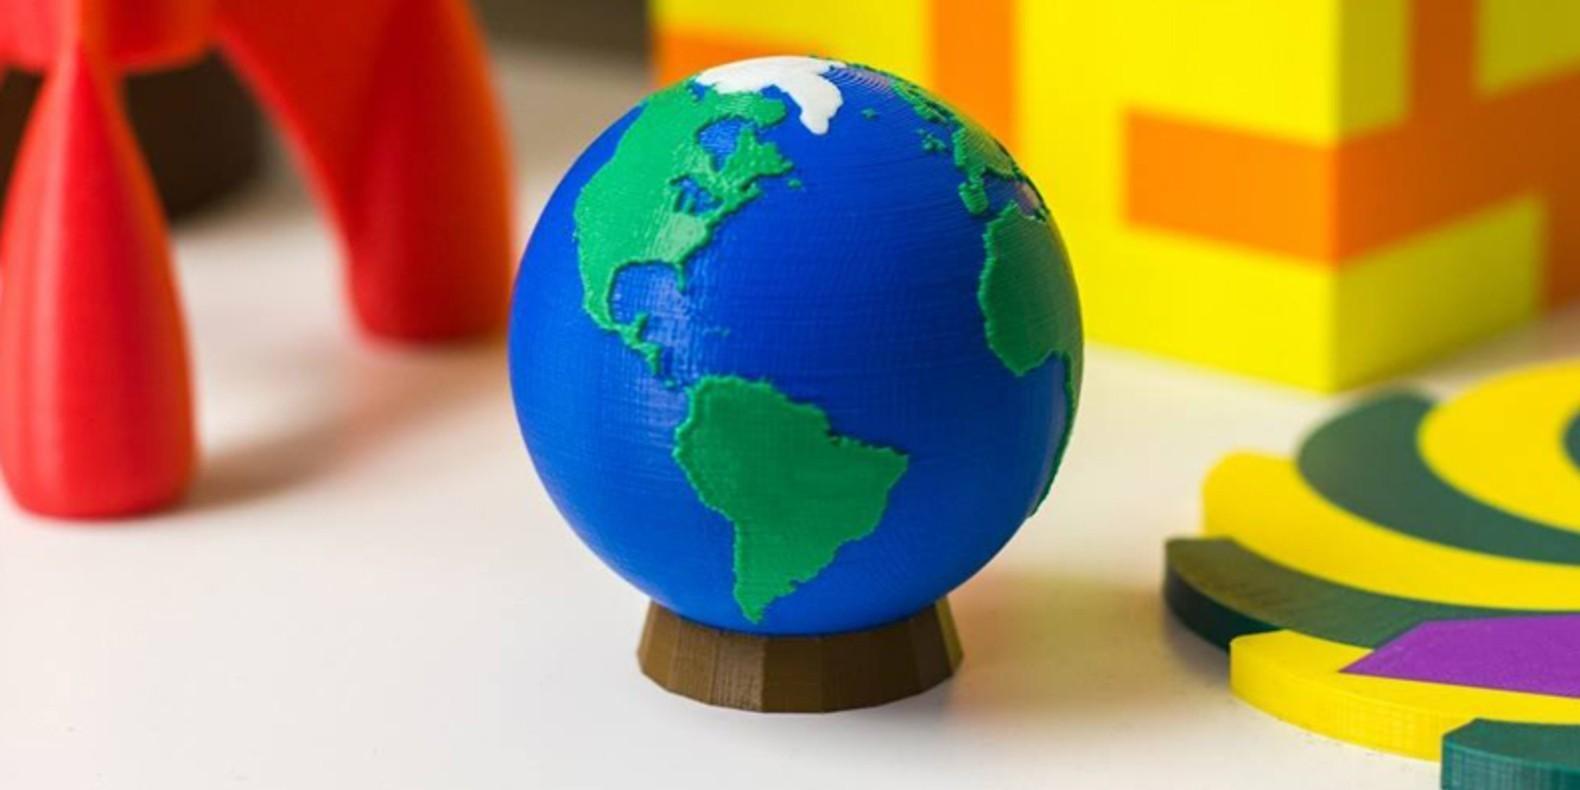 Encuentre aquí una selección de los mejores modelos 3D para Impresión 3D multi-material multicolor